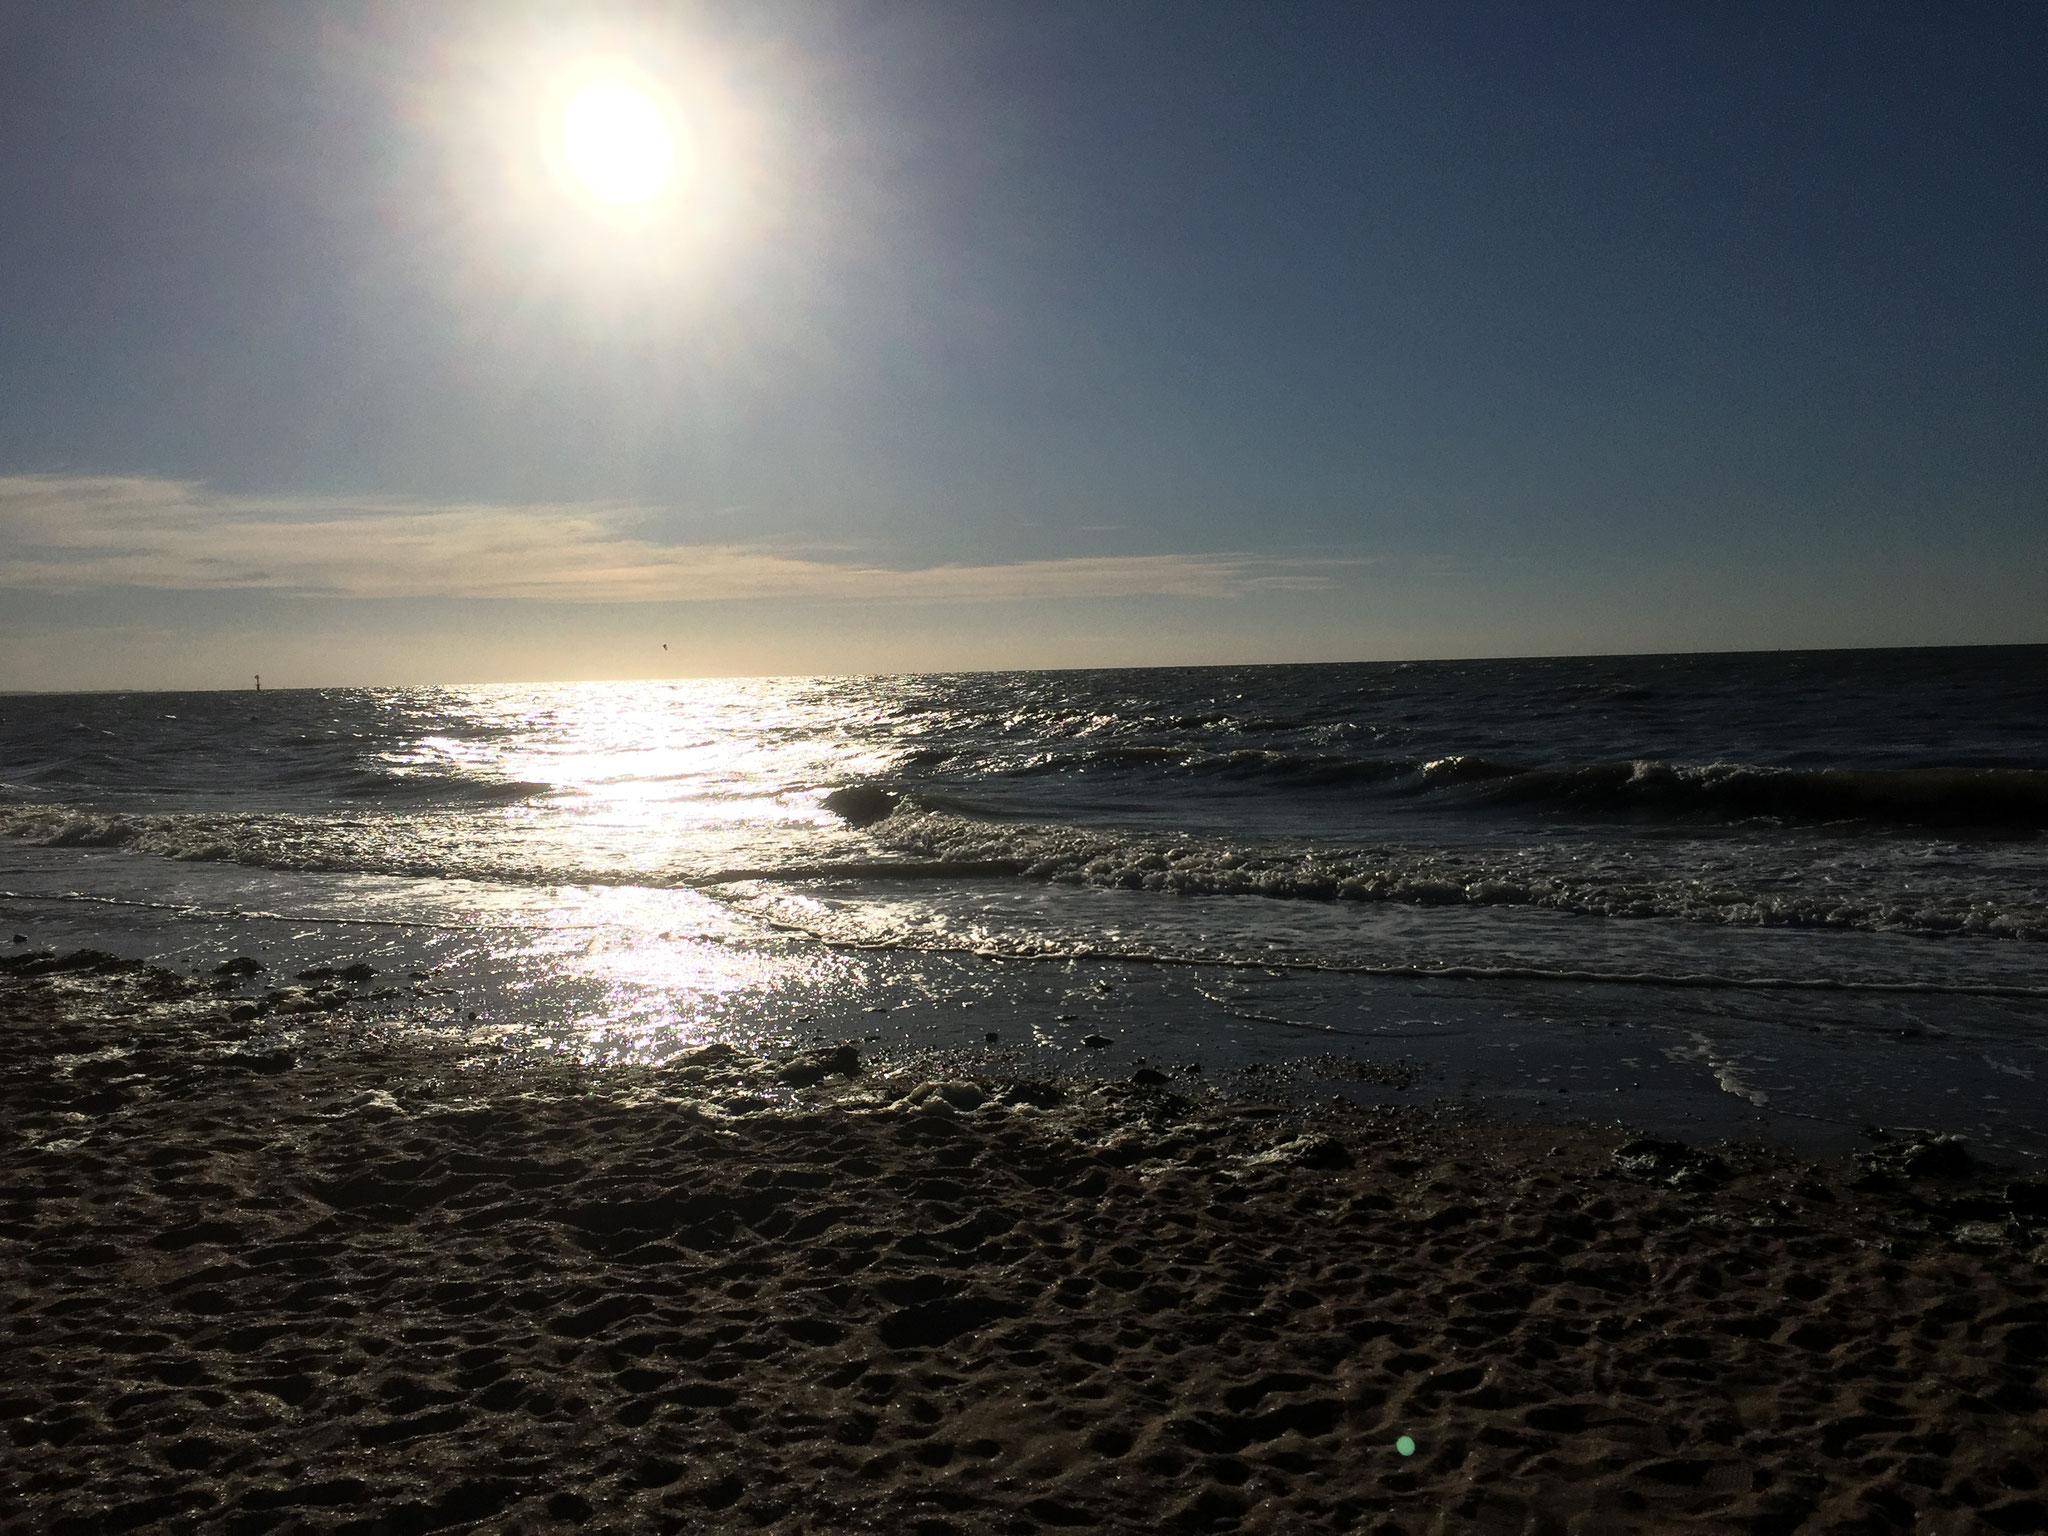 Angekommen! Mein erster Sonnenuntergang am Atlantik in Houlgate.